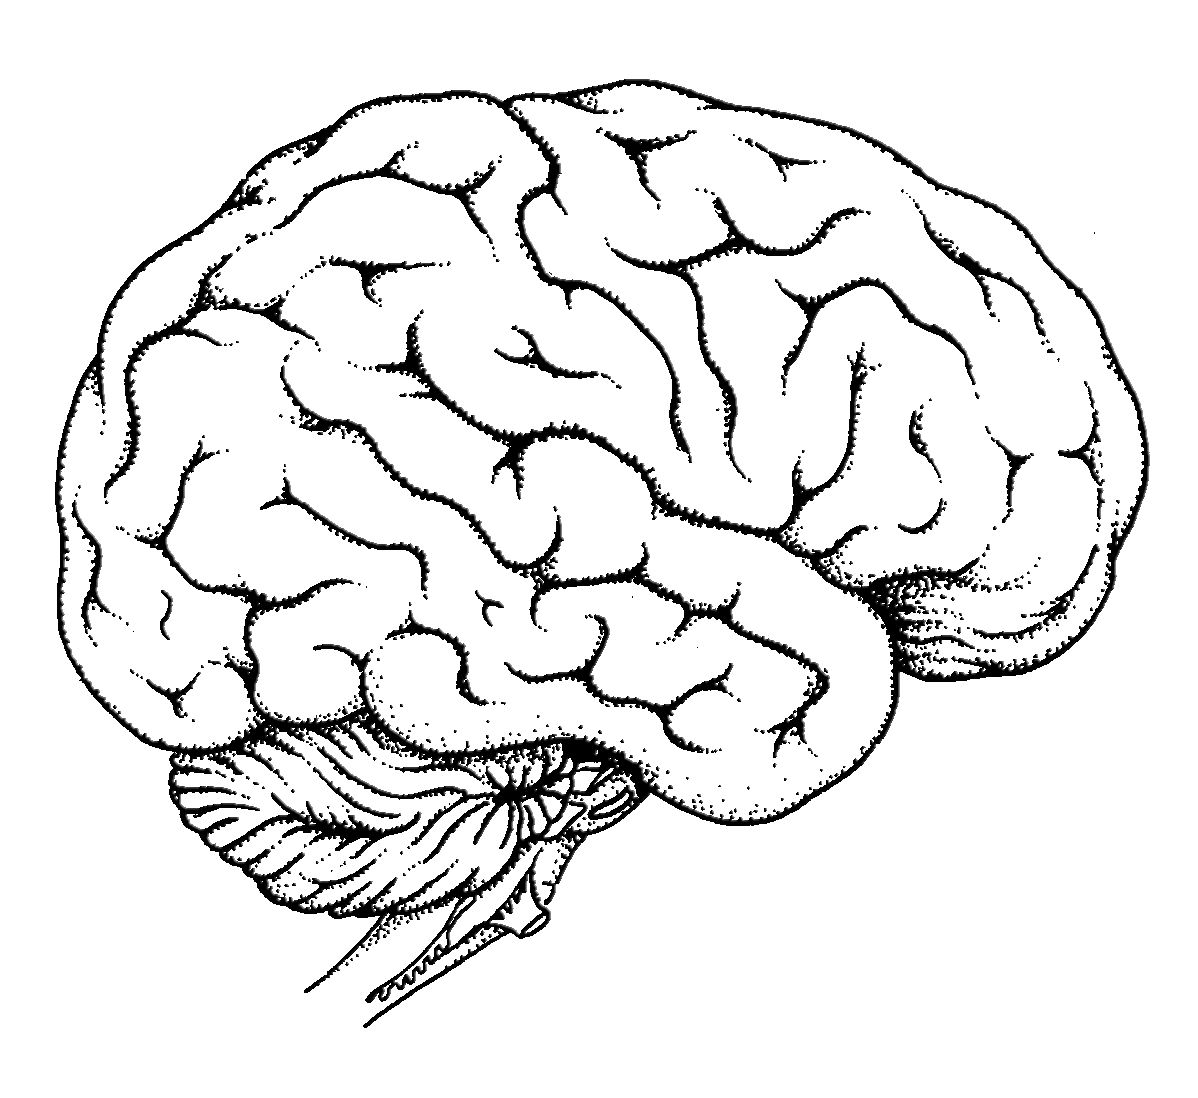 Diagram Of Human Brain